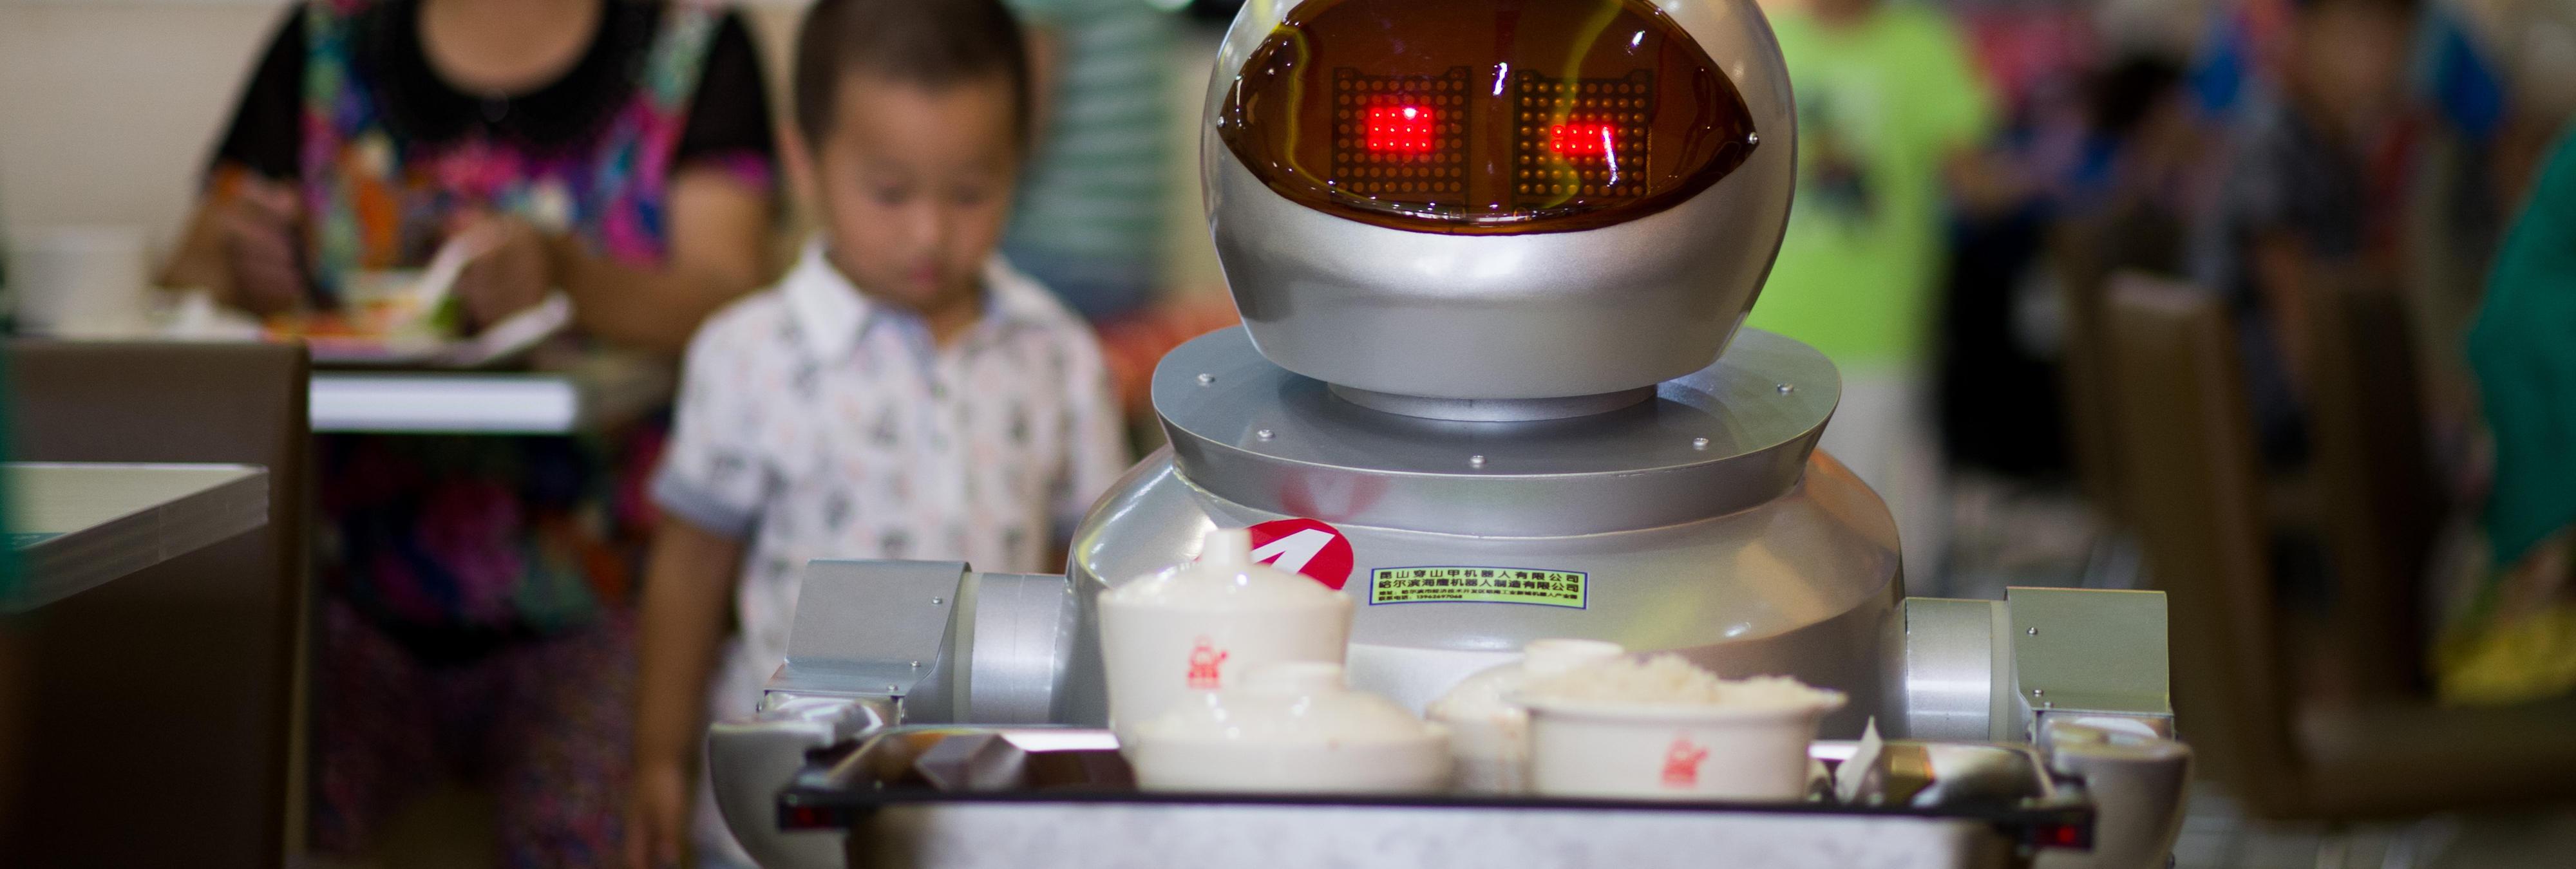 Contratan robots camareros y los despiden por bajo rendimiento